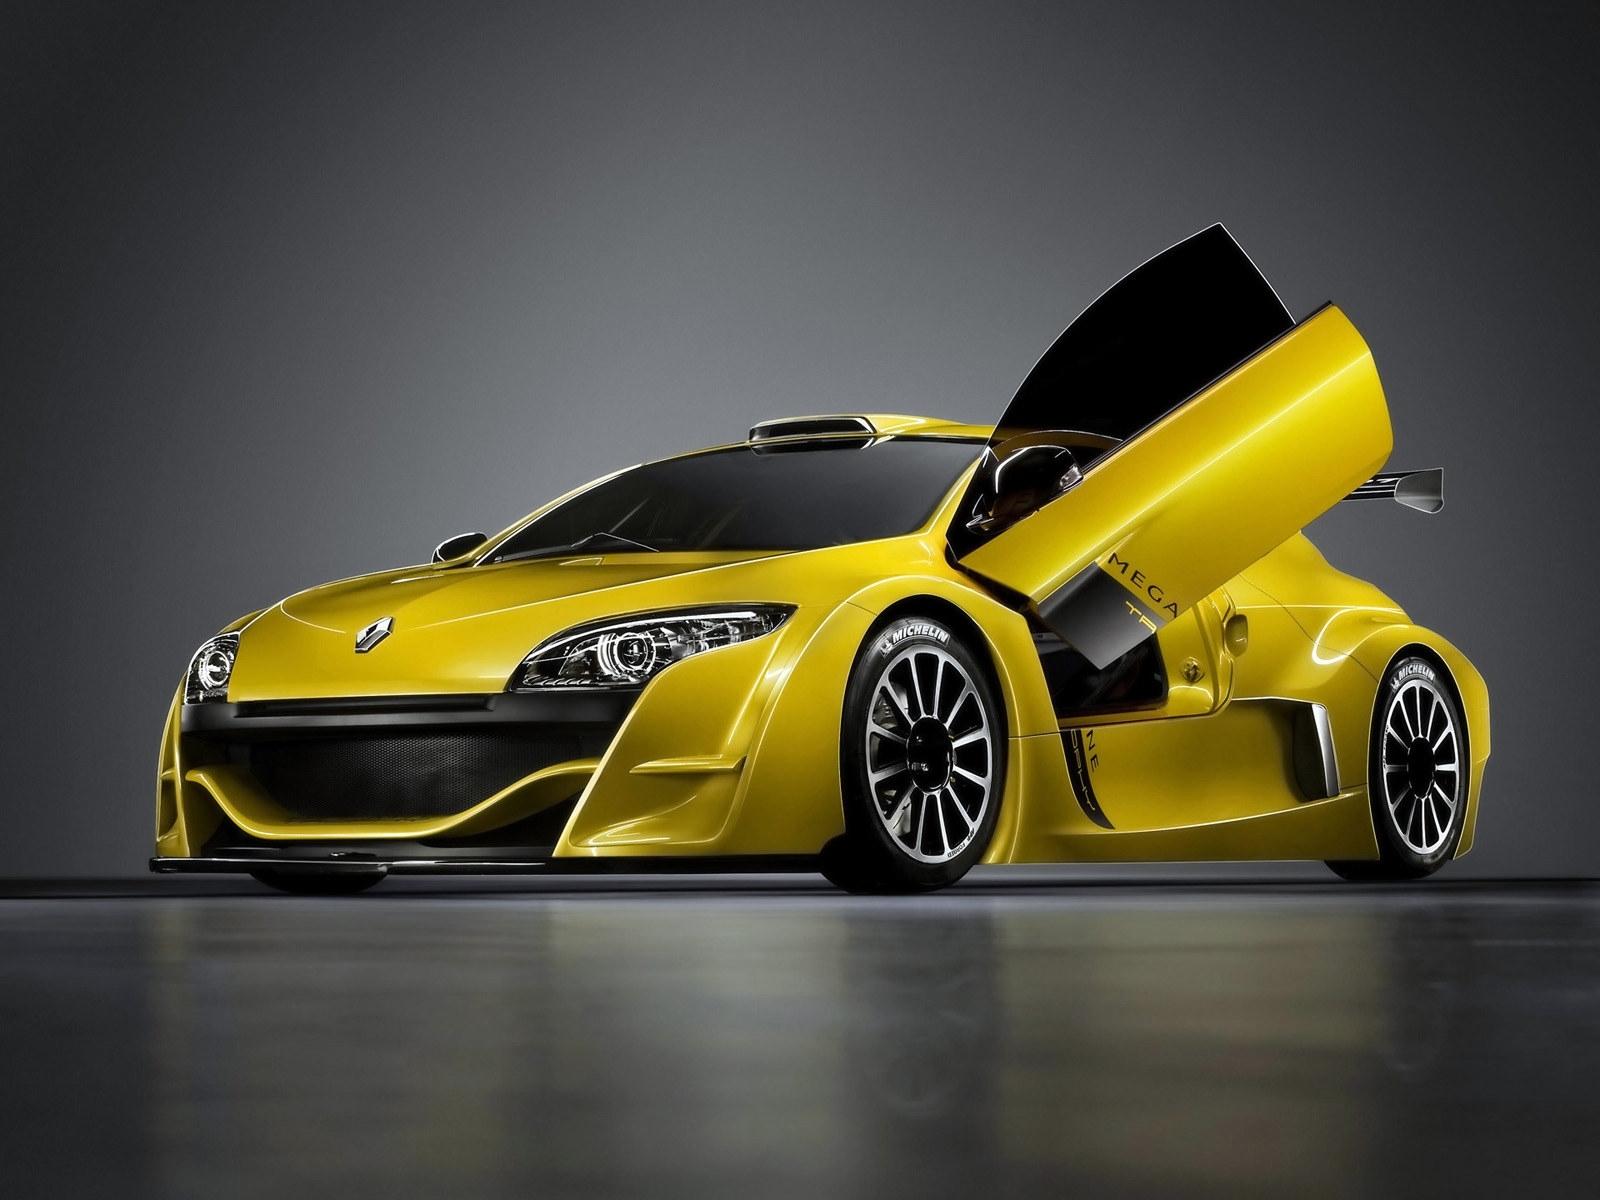 3368 Hintergrundbild herunterladen Transport, Auto, Renault - Bildschirmschoner und Bilder kostenlos